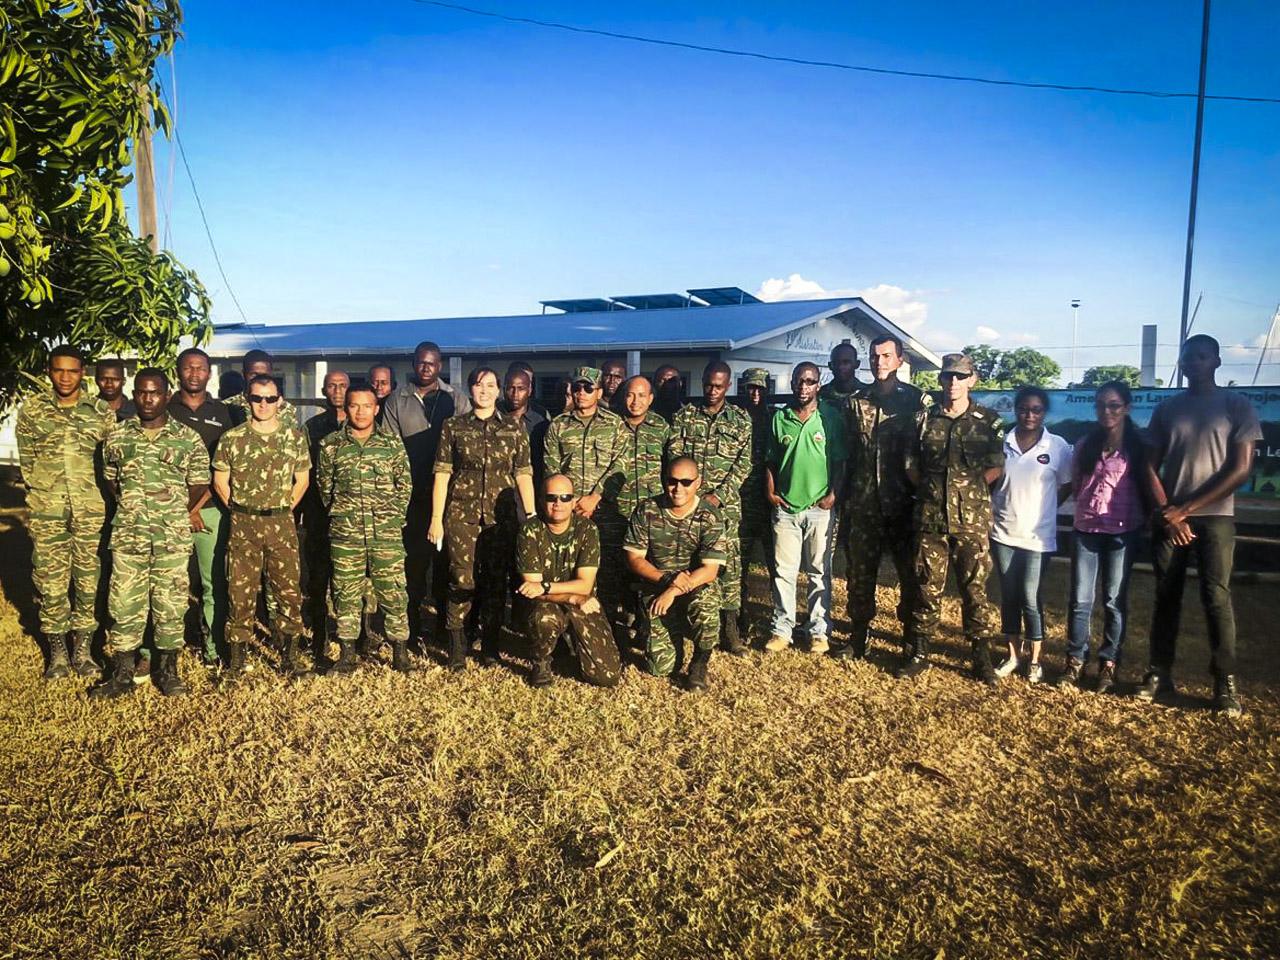 Exército Brasileiro envia técnicos com larga experiência em perfuração de poços para apoio à Guiana